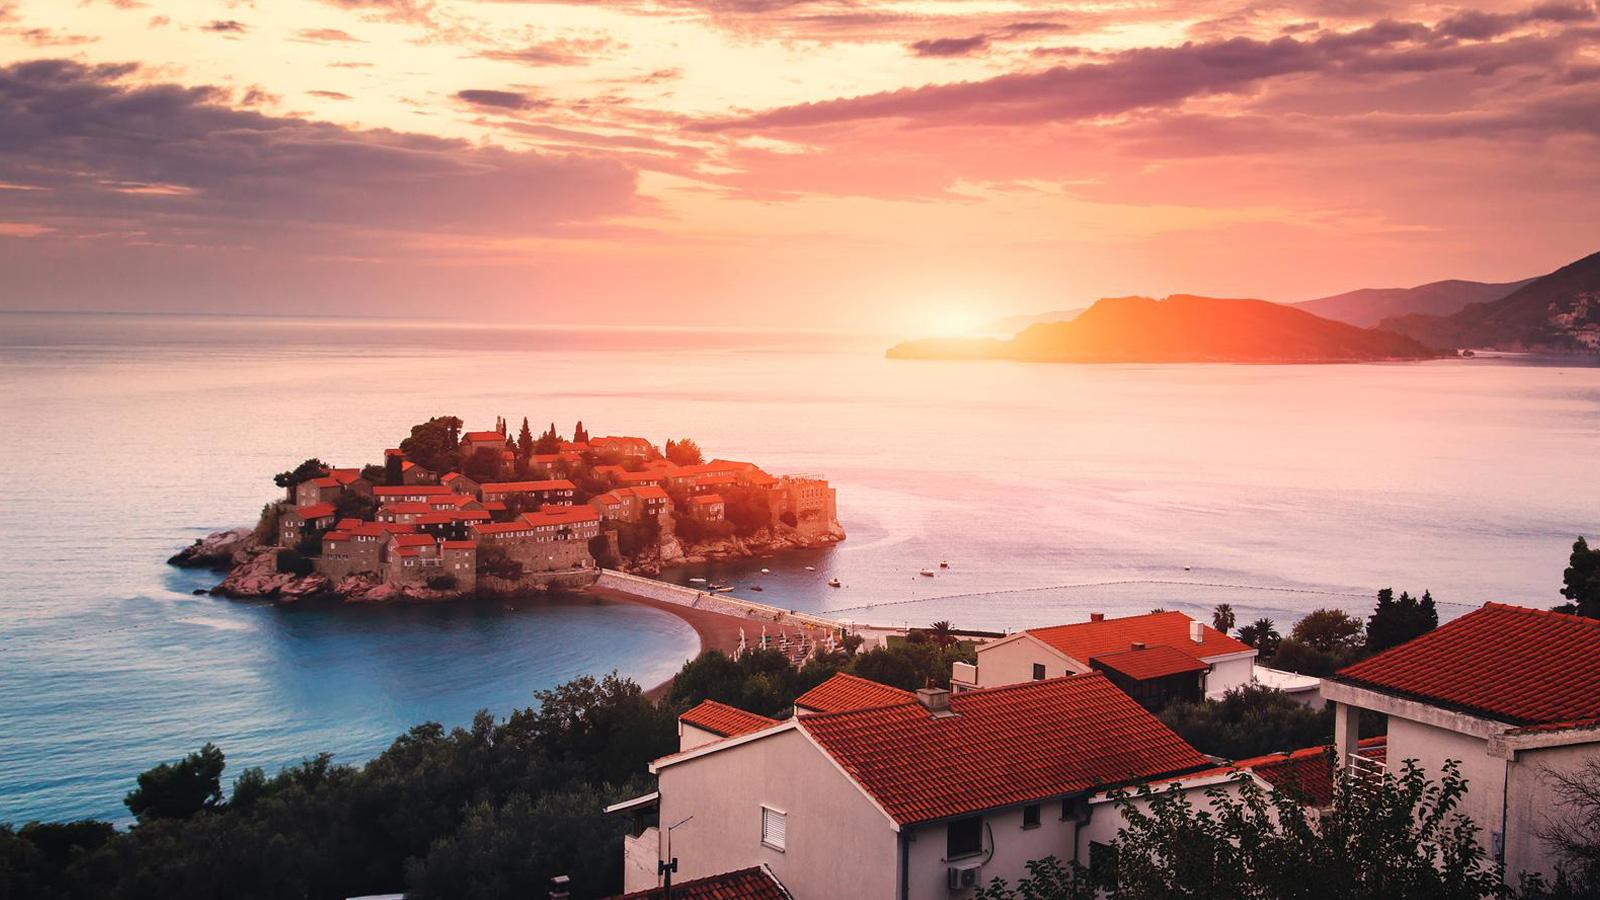 Segeln in Montenegro & Kroatien Segeltörn entlang der Dalmatinische Küste & Budva Riviera Mitsegeln traveljunkies